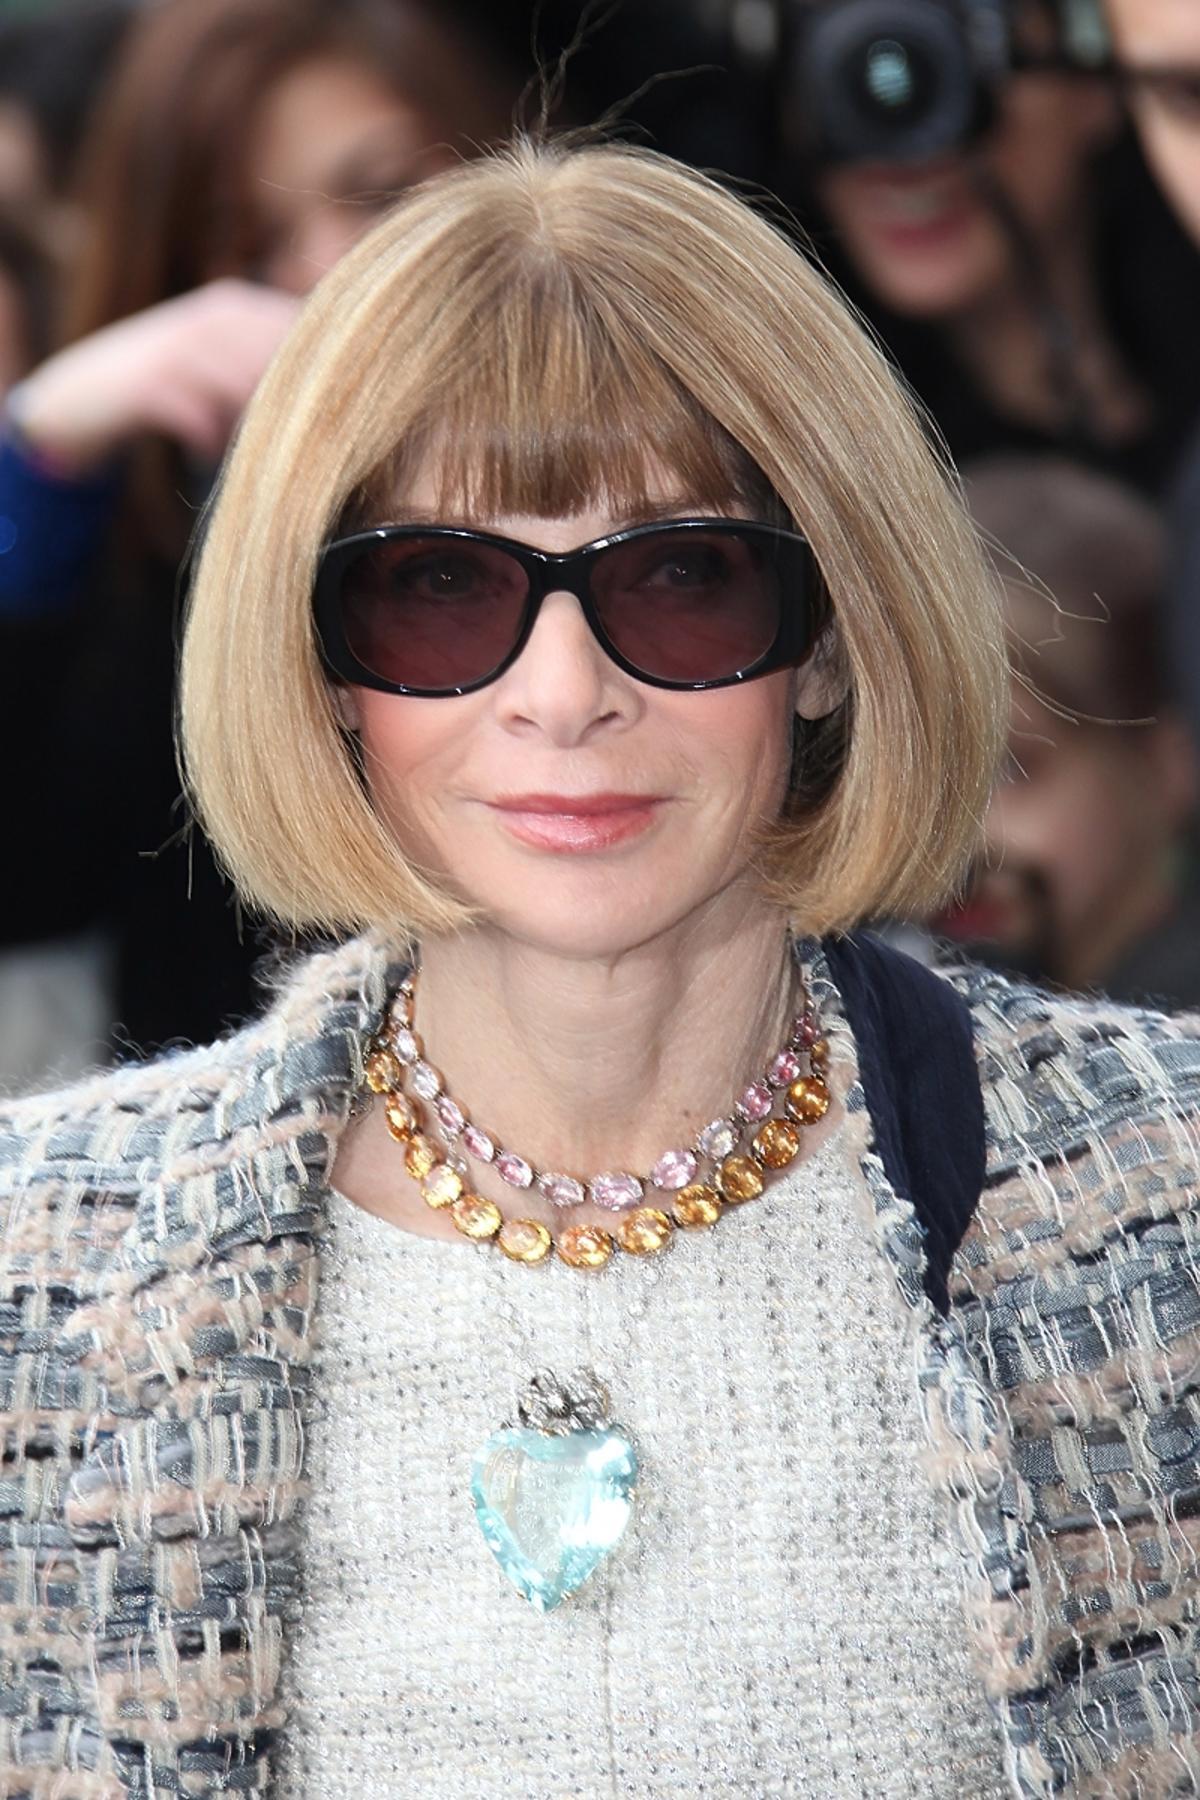 Gwiazdy na pokazie Chanel jesień 2014: Anna Wintour